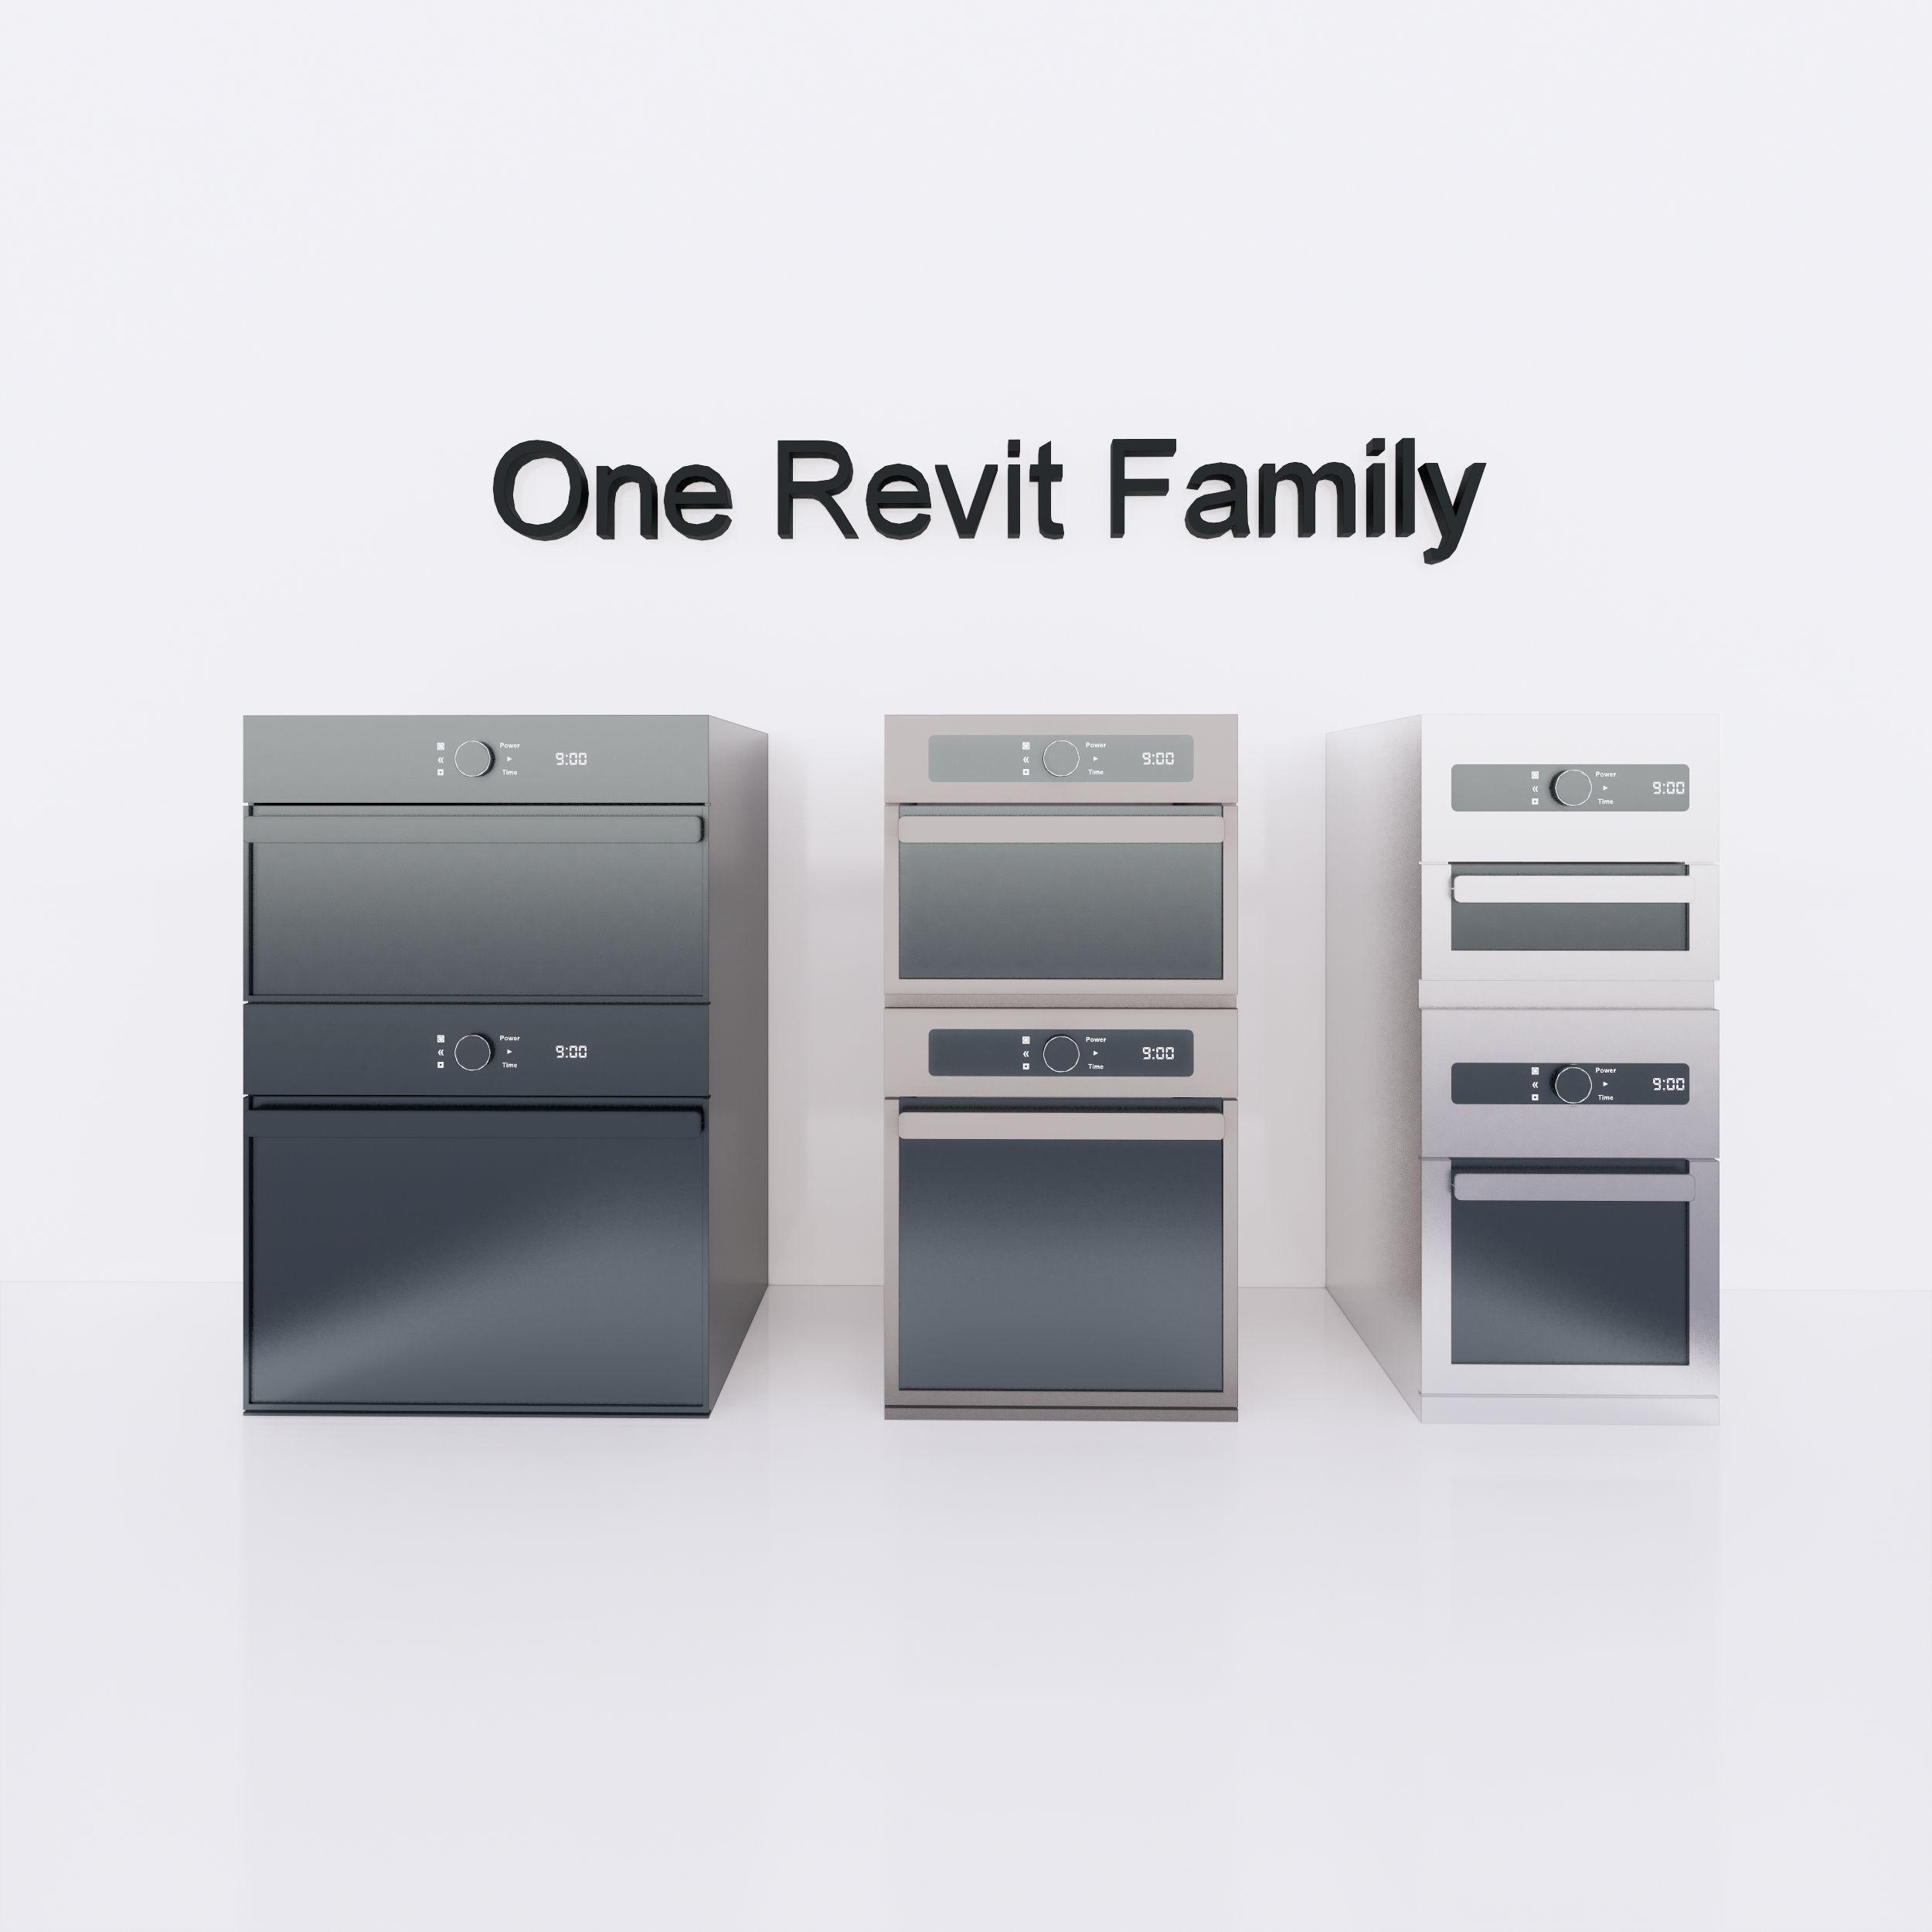 Microwave  or Oven - Full parametric Revit Family